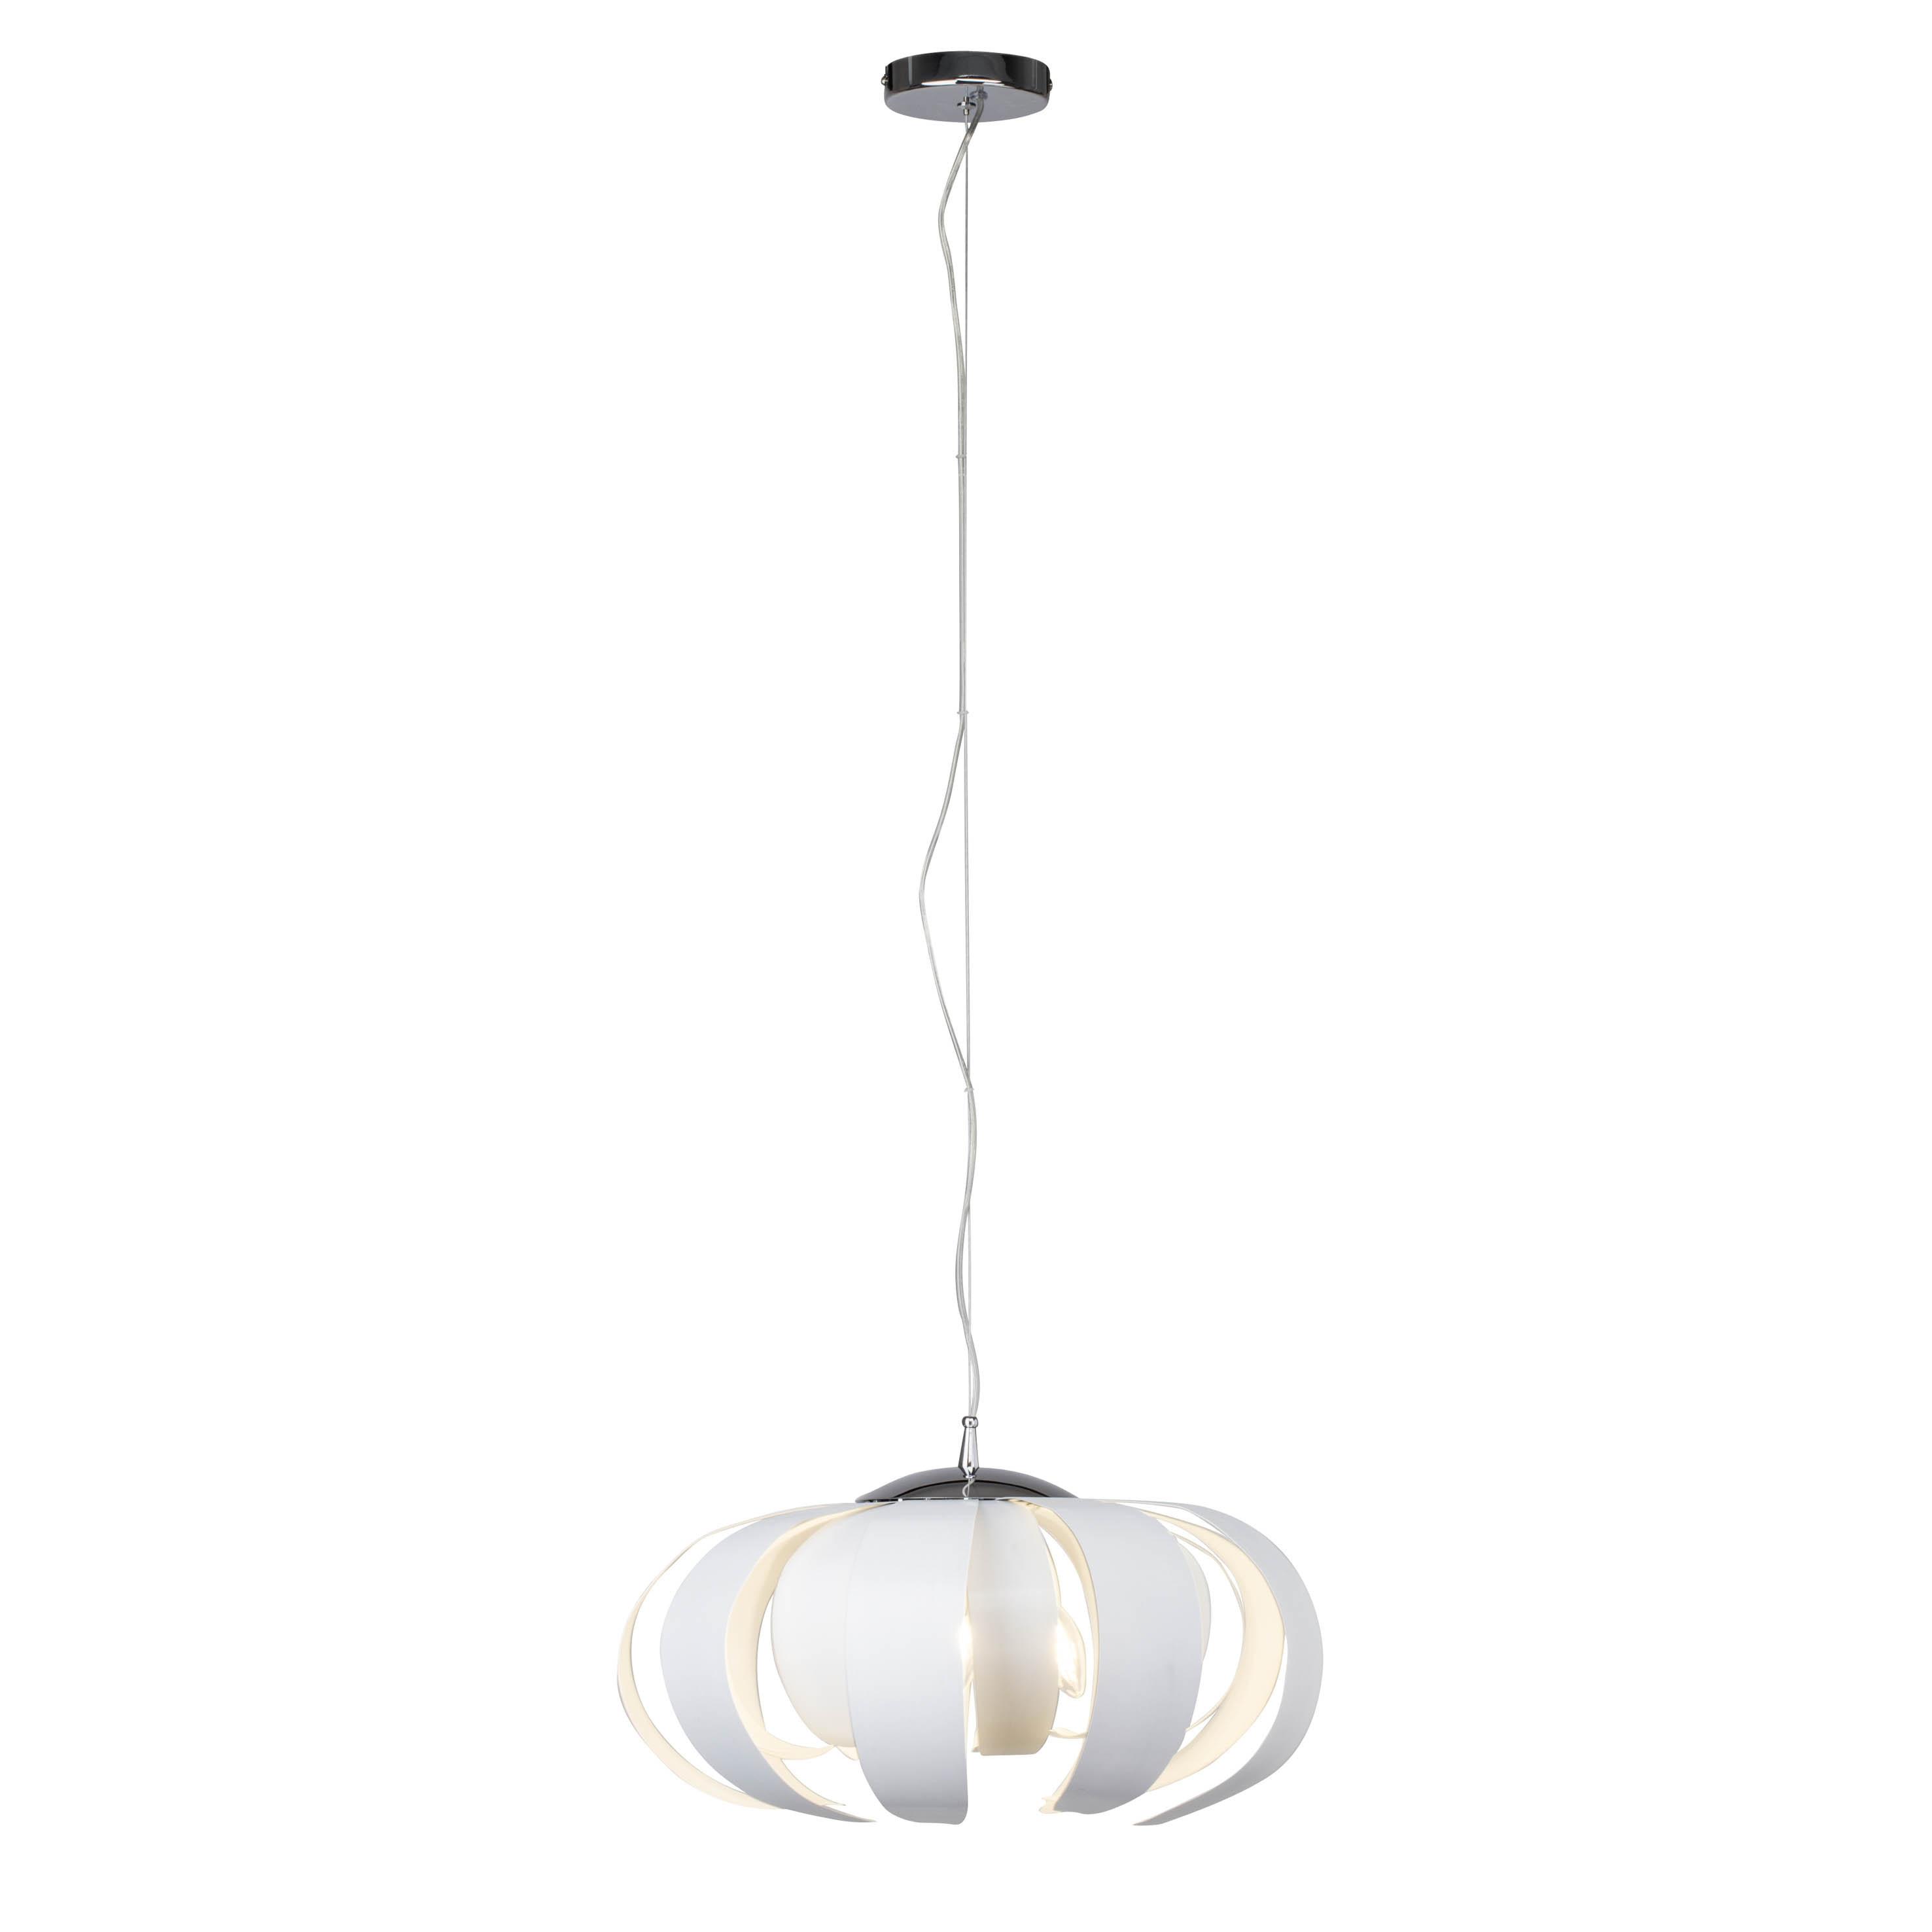 Brilliant Leuchten Ancoli Pendelleuchte 50cm weiß/gewischt